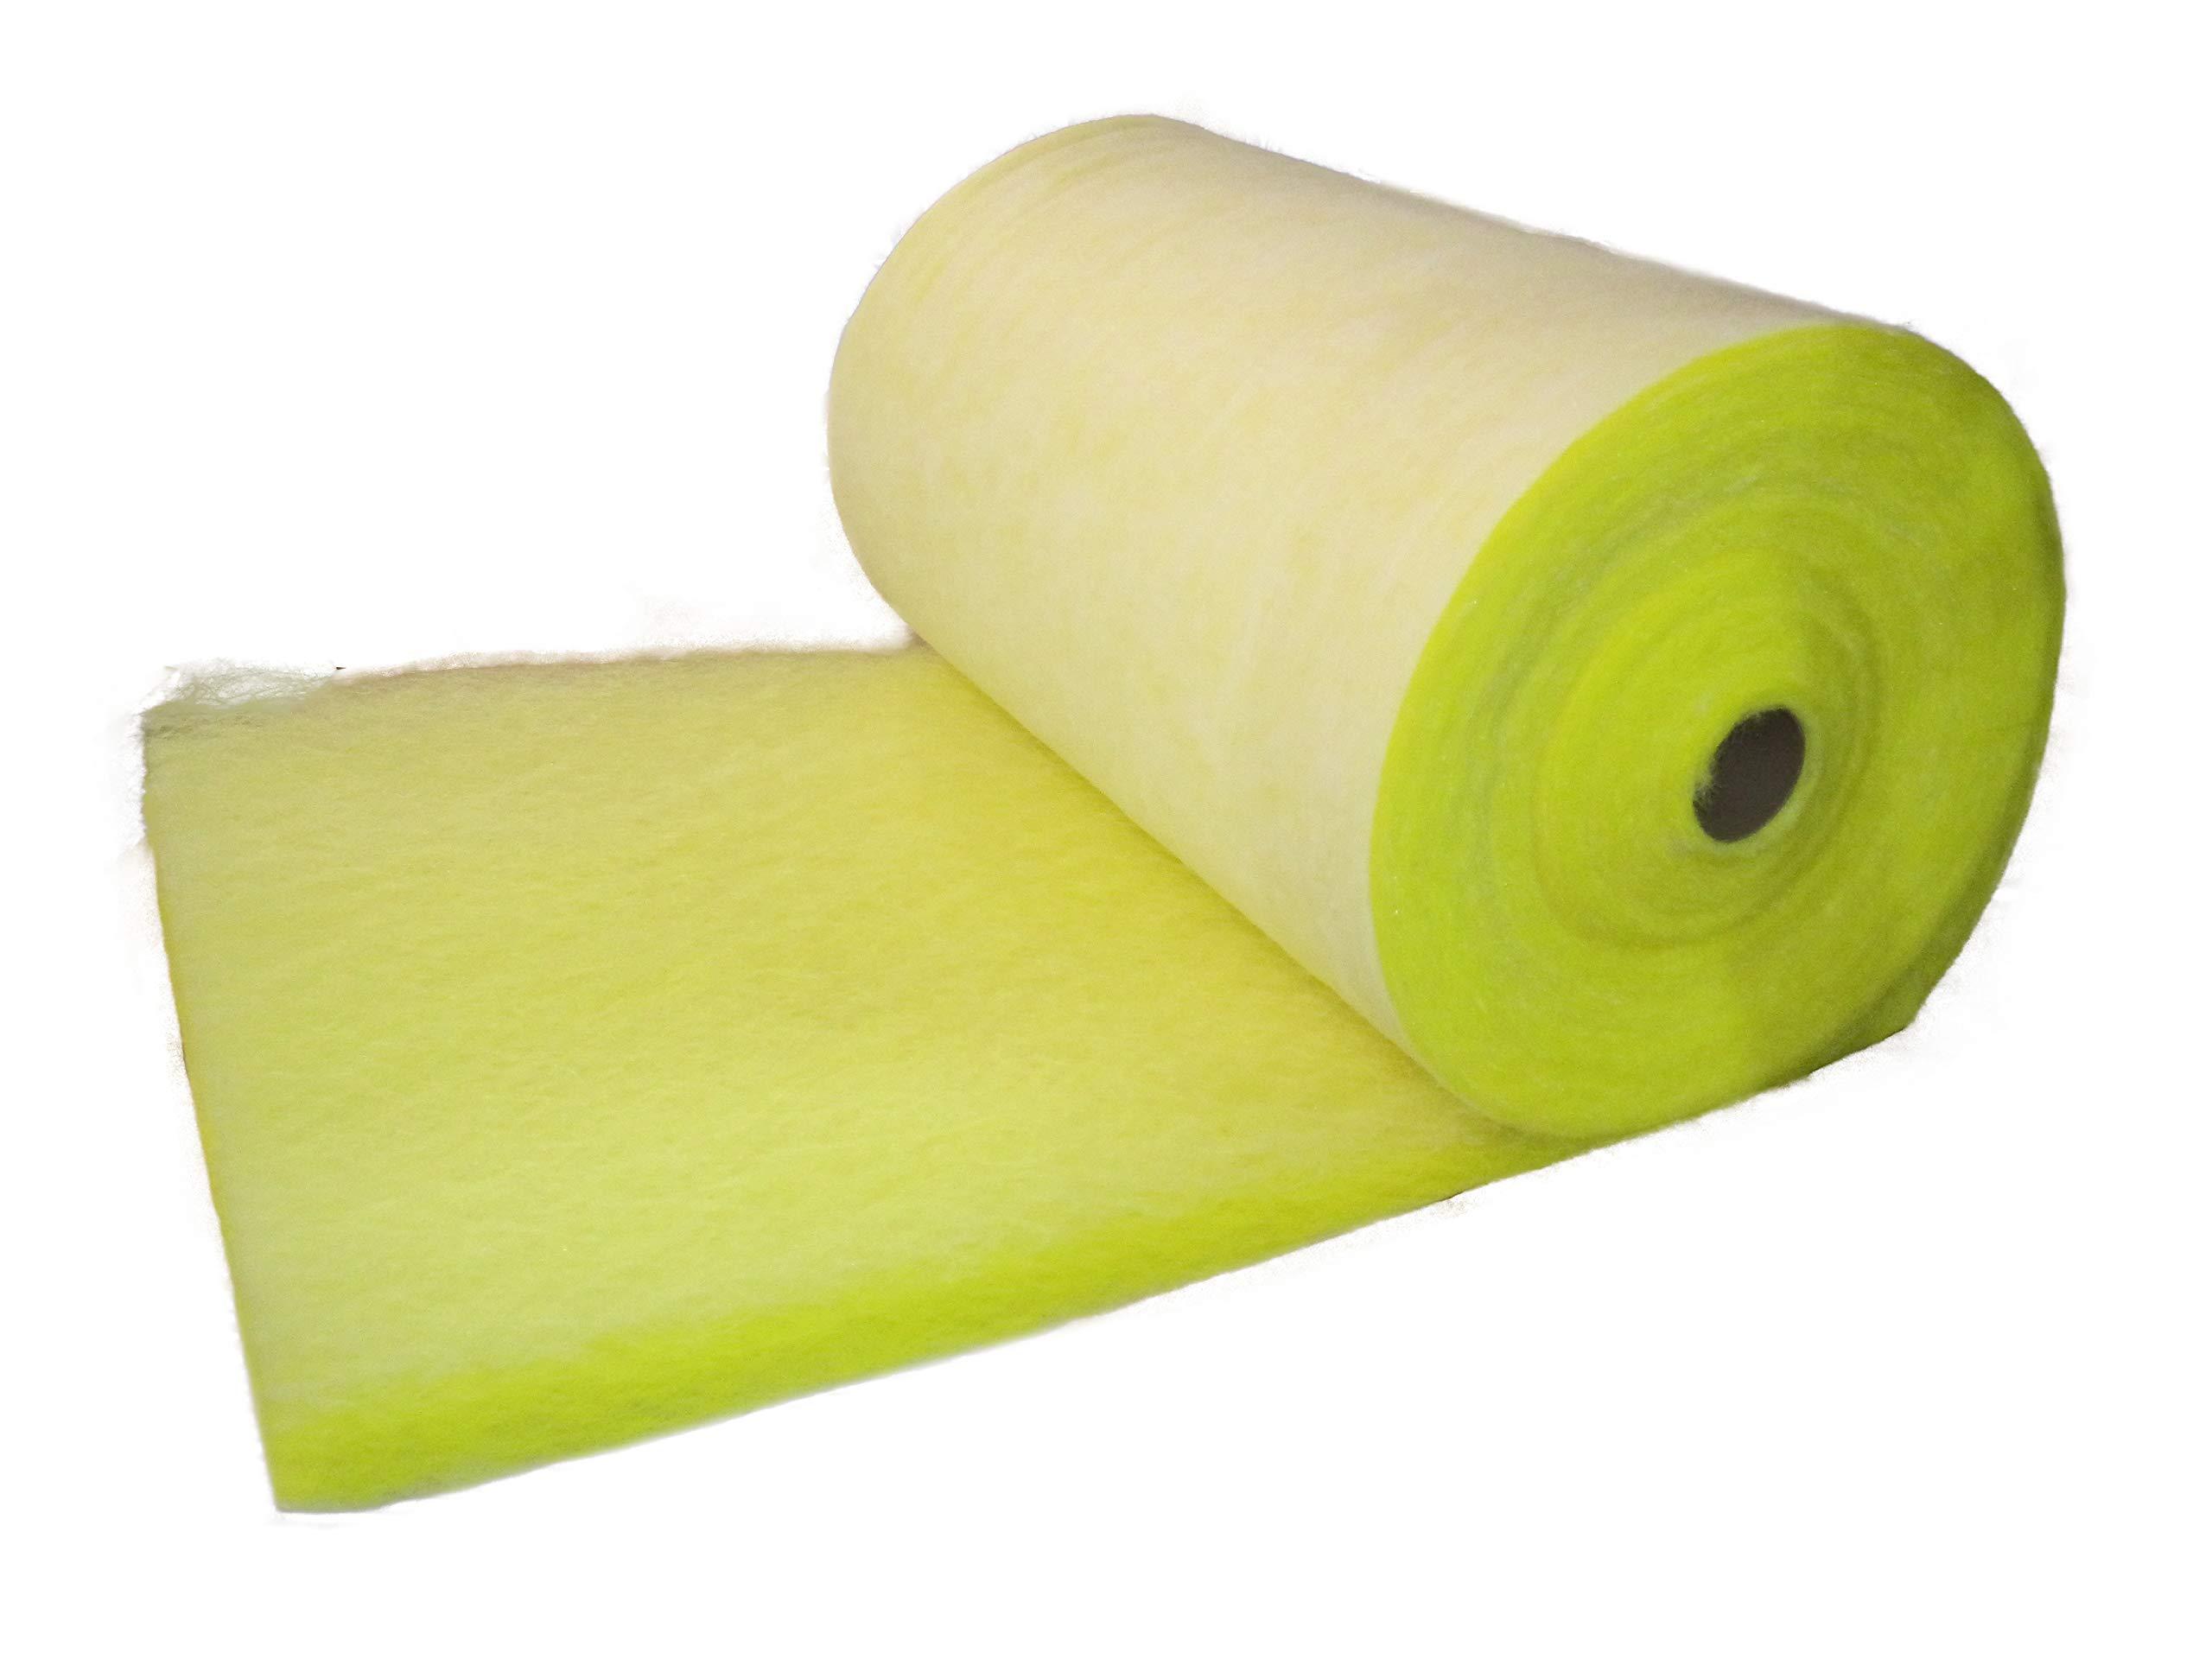 Chemco, 30YROLLT12, 300'x30''x2-1/2'' T-12 Fiberglass Paint Arrestor Media Roll, 1 Roll